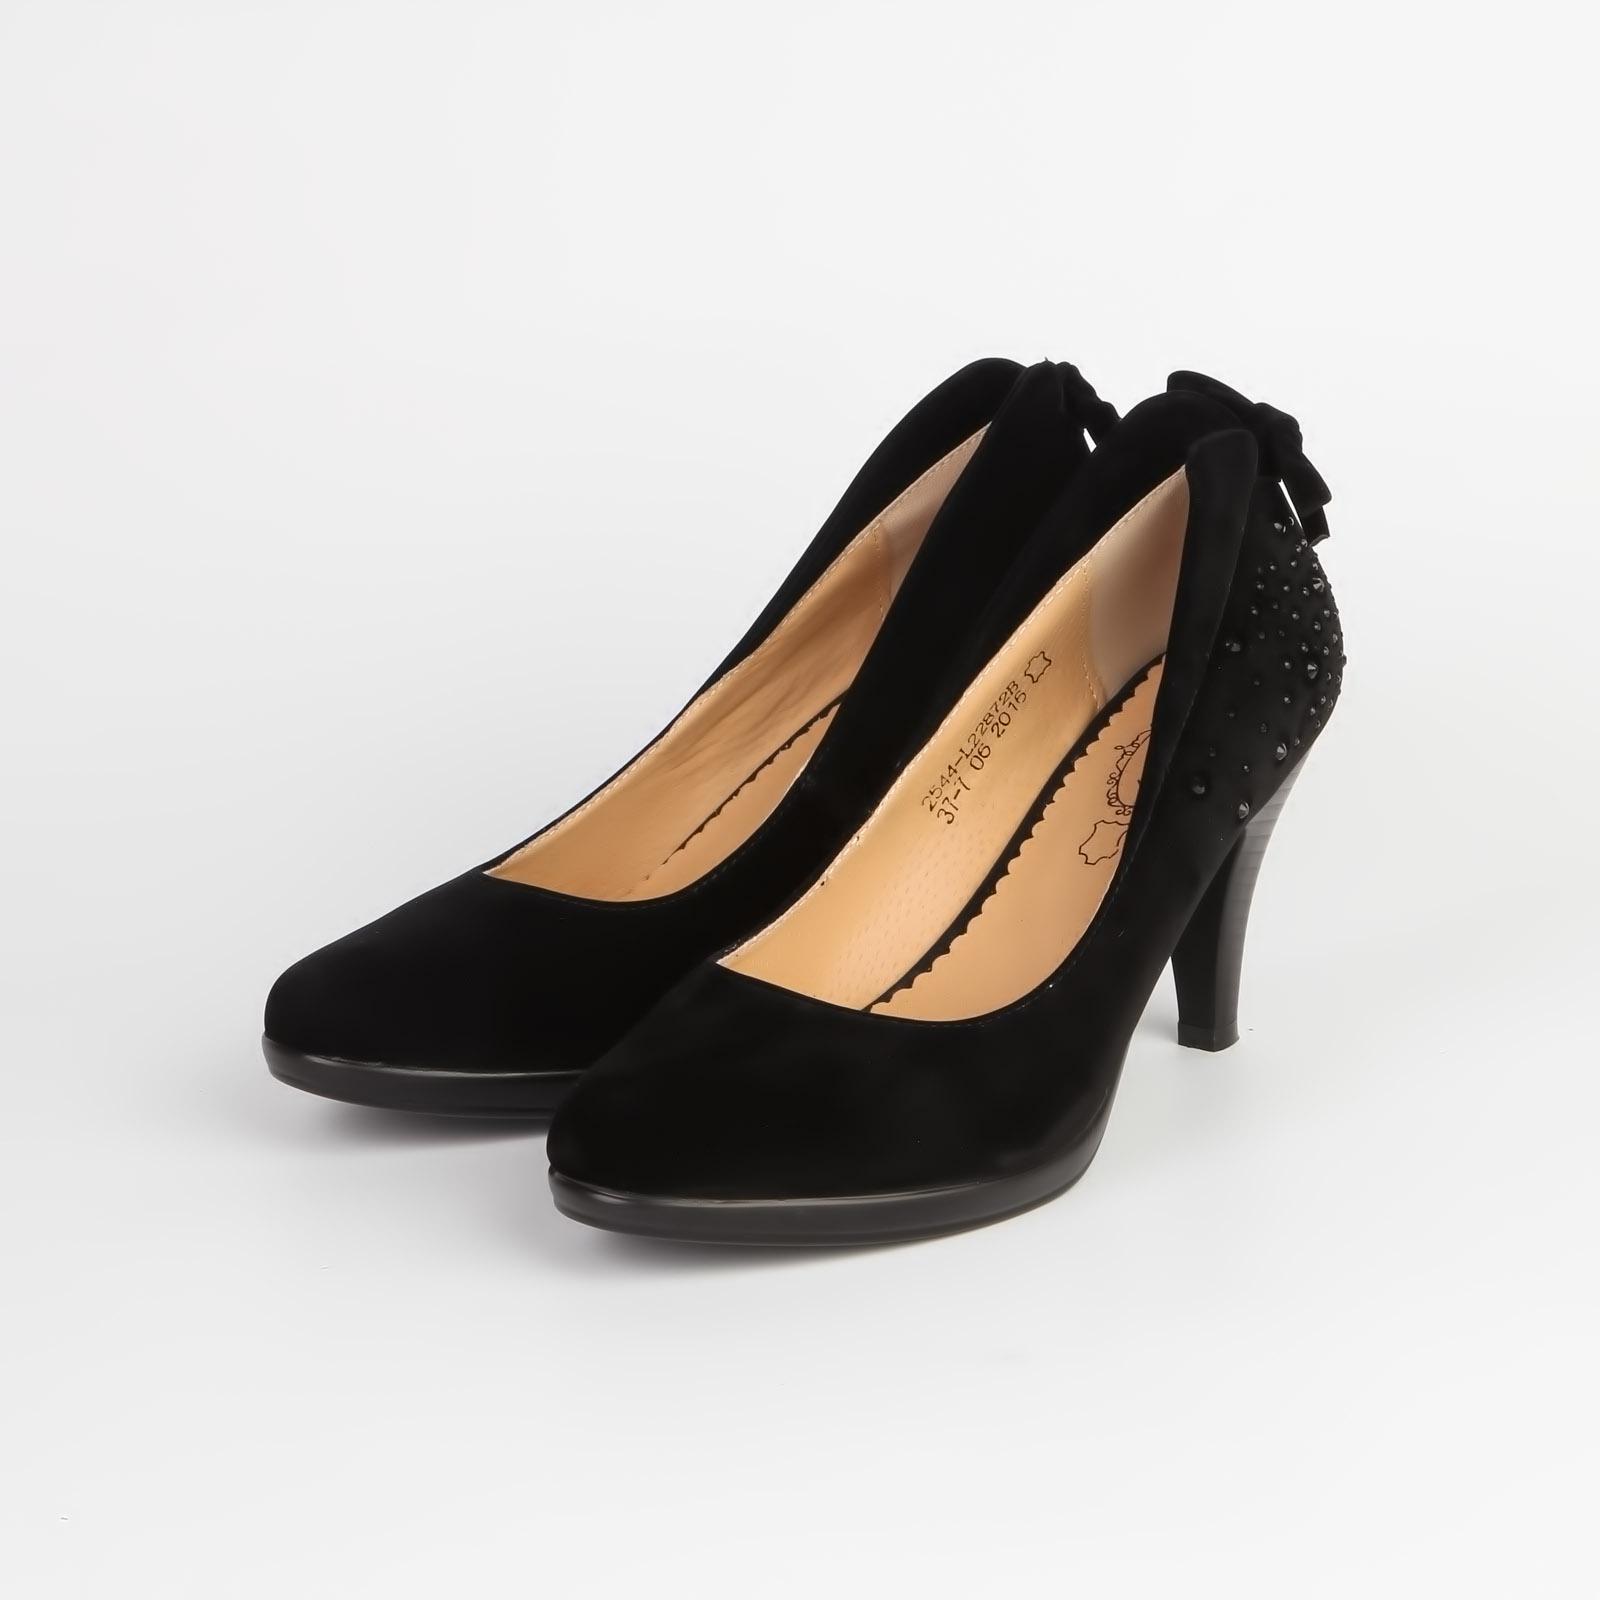 Туфли женские на среднем каблуке со стразами